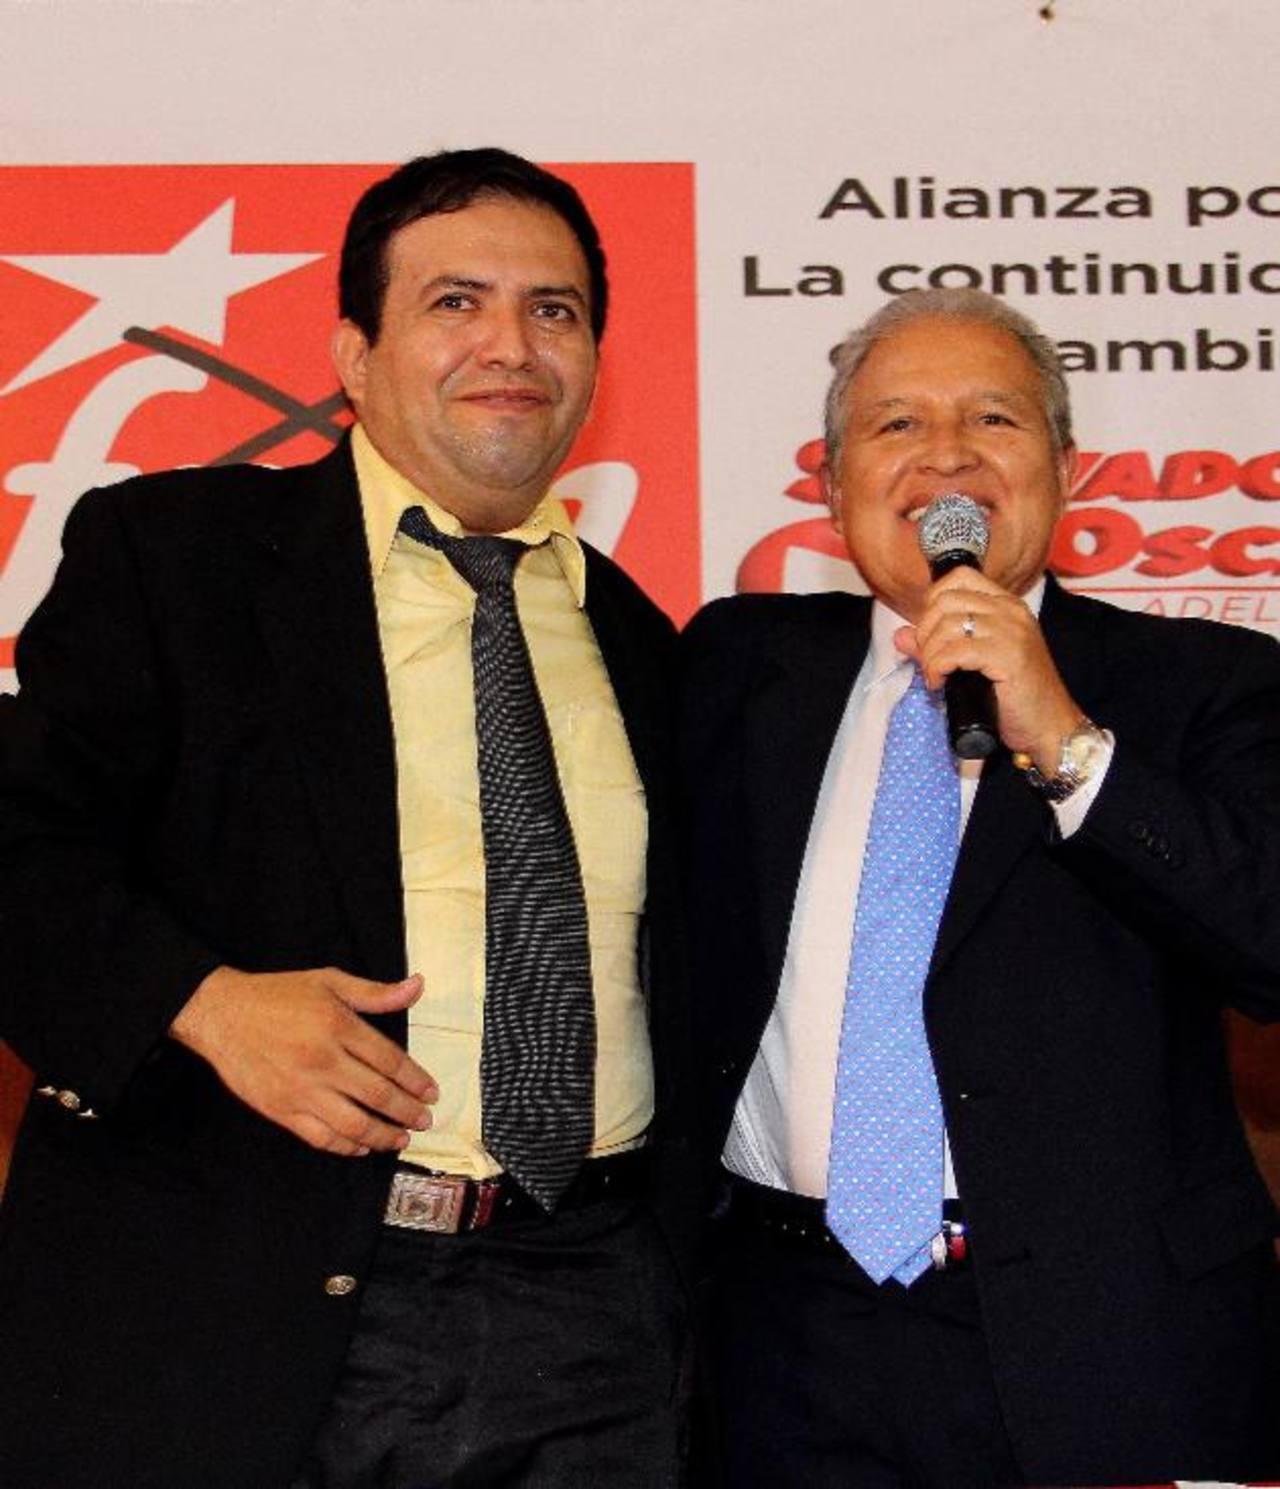 Salvador Sánchez, junto a Óscar Chávez, luego de firmar la alianza partidaria.